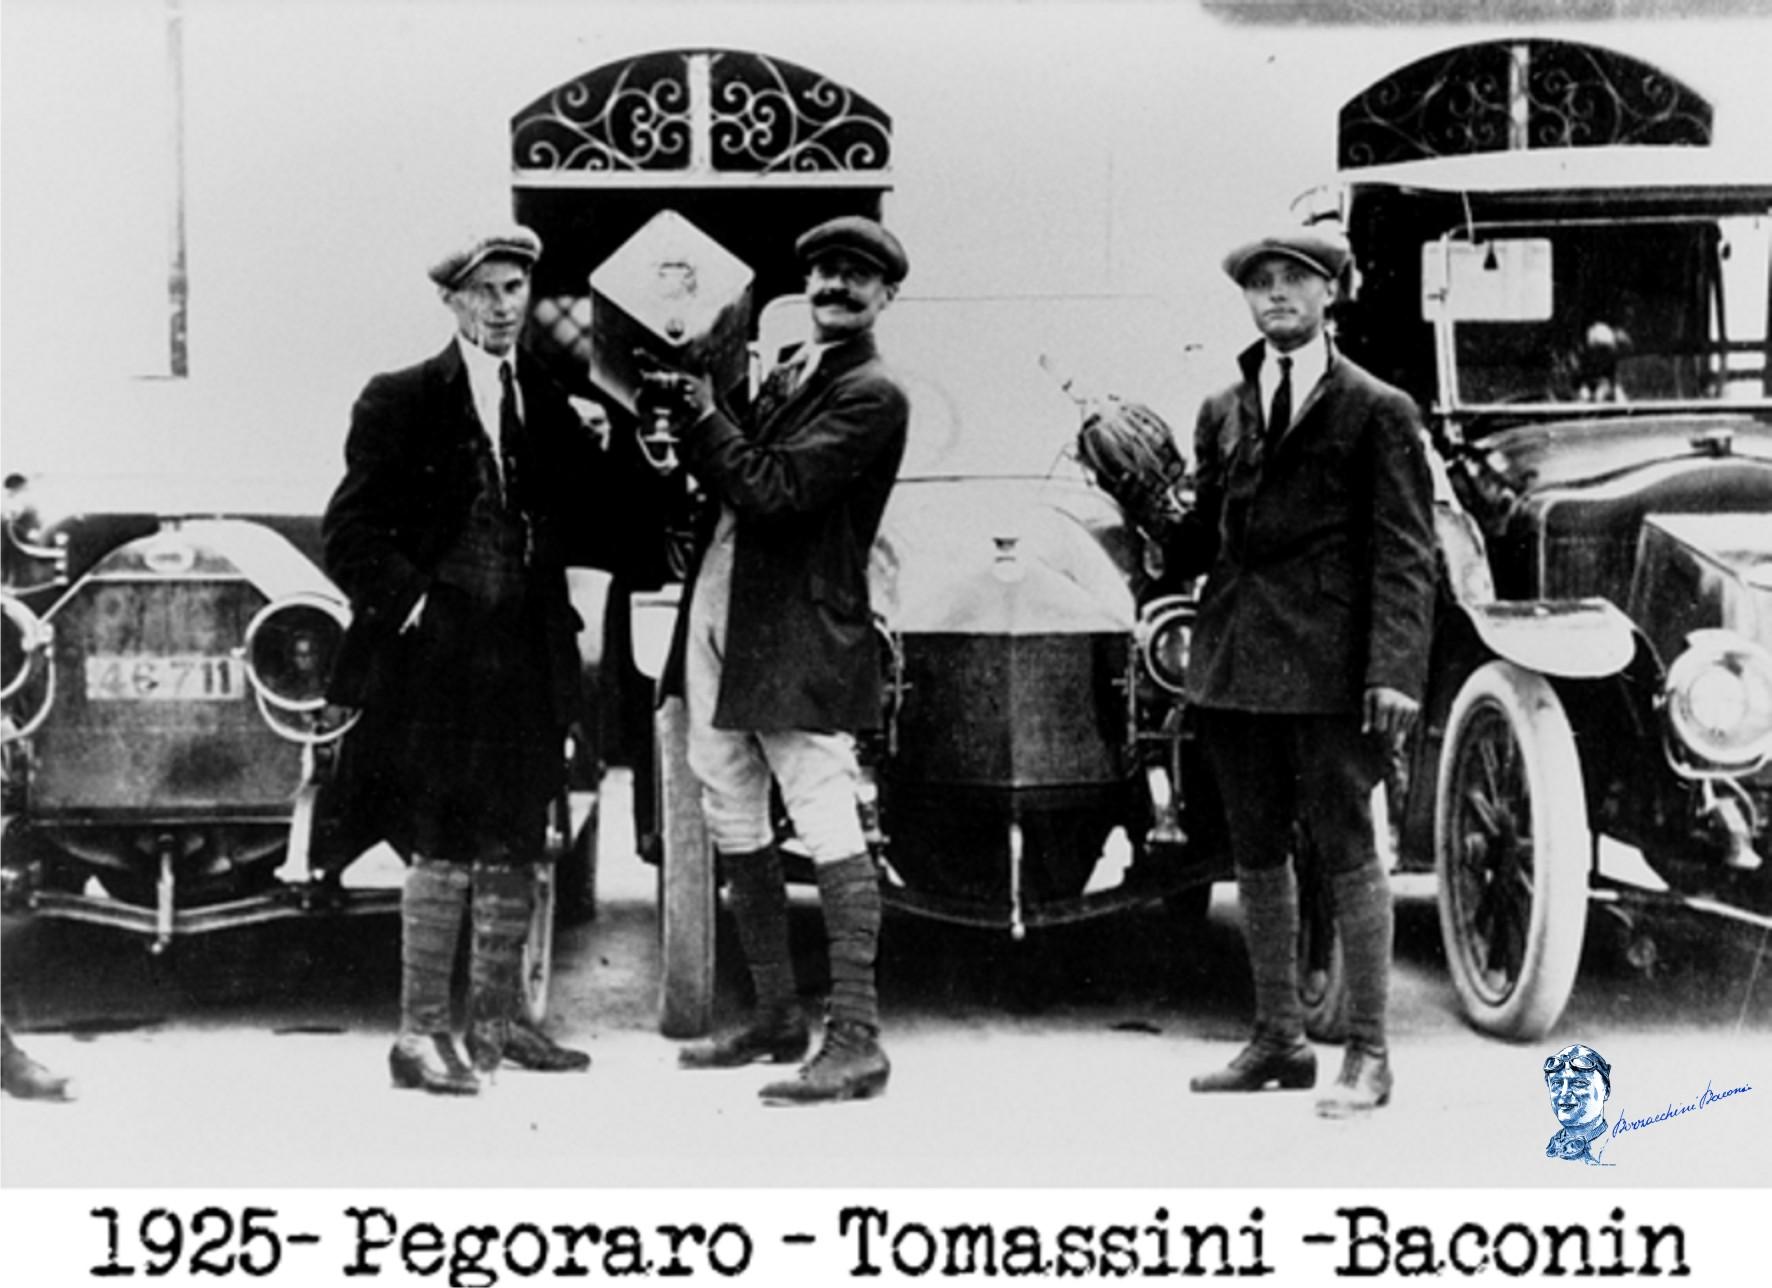 1925 pegoraro tomassini baconin 3